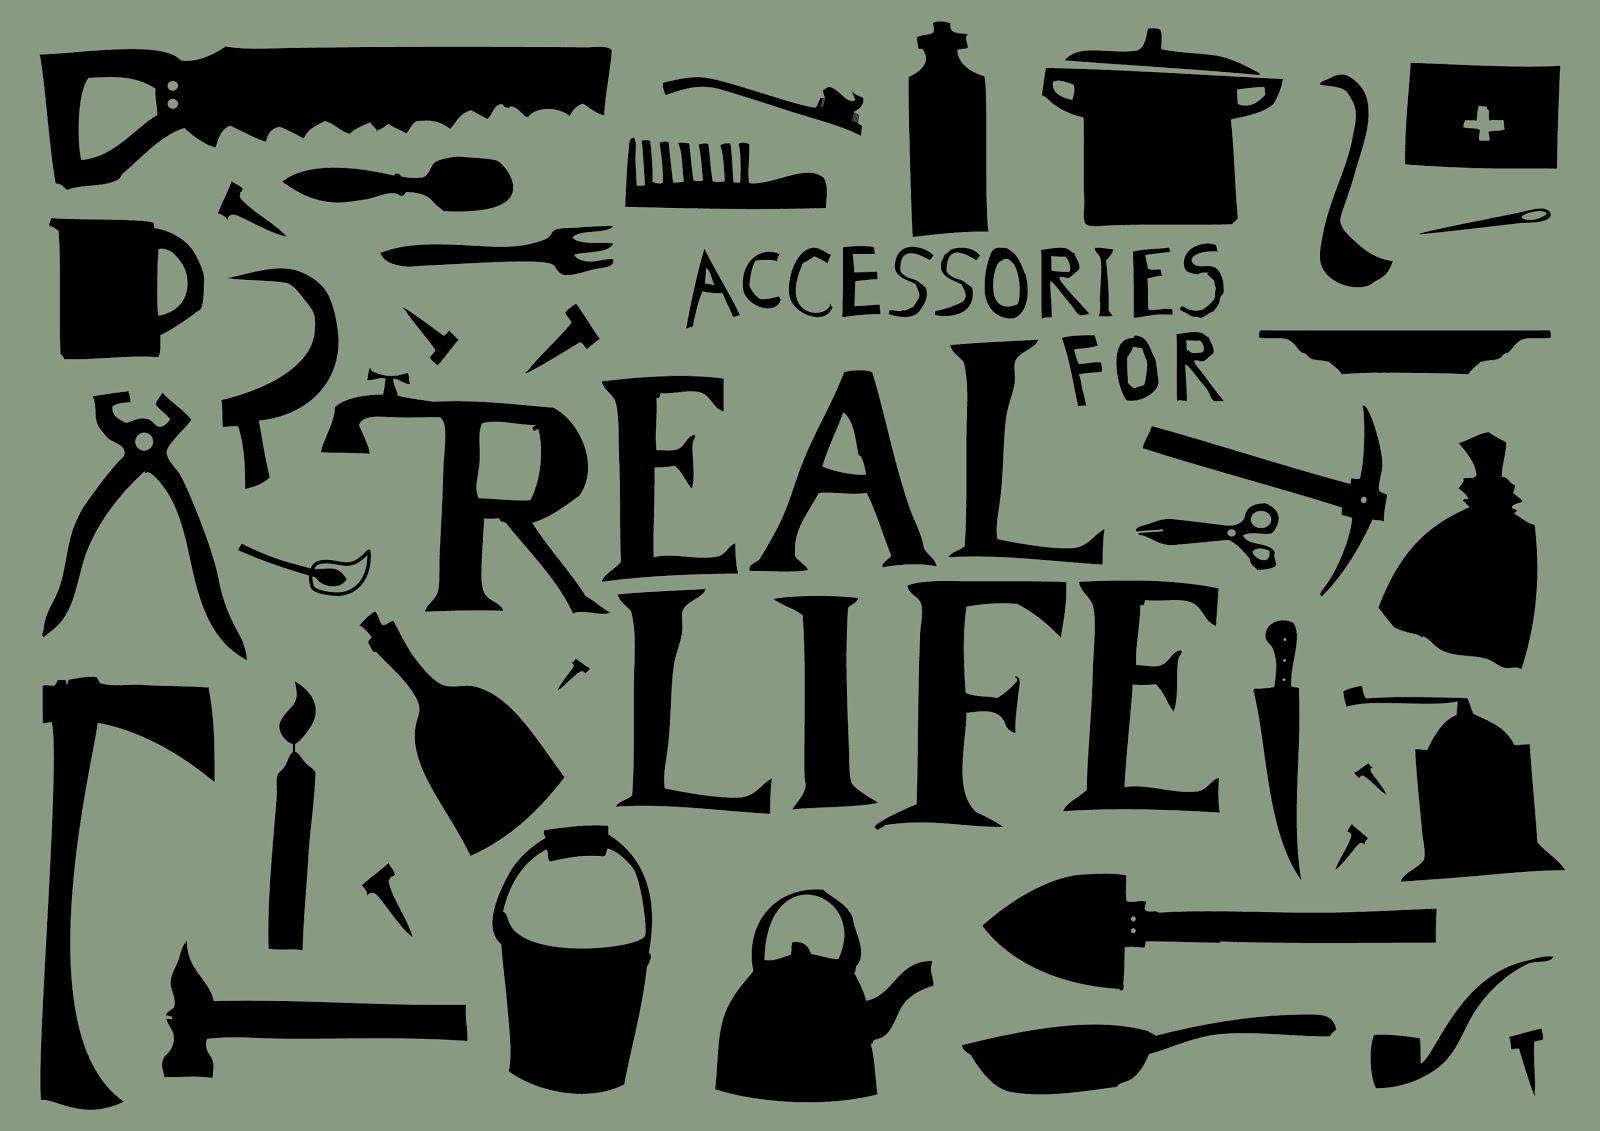 http://4.bp.blogspot.com/-0kV_TS6de_E/To4Y44J2POI/AAAAAAAAAUw/nvq0-5P1VkU/s1600/real_life.jpg